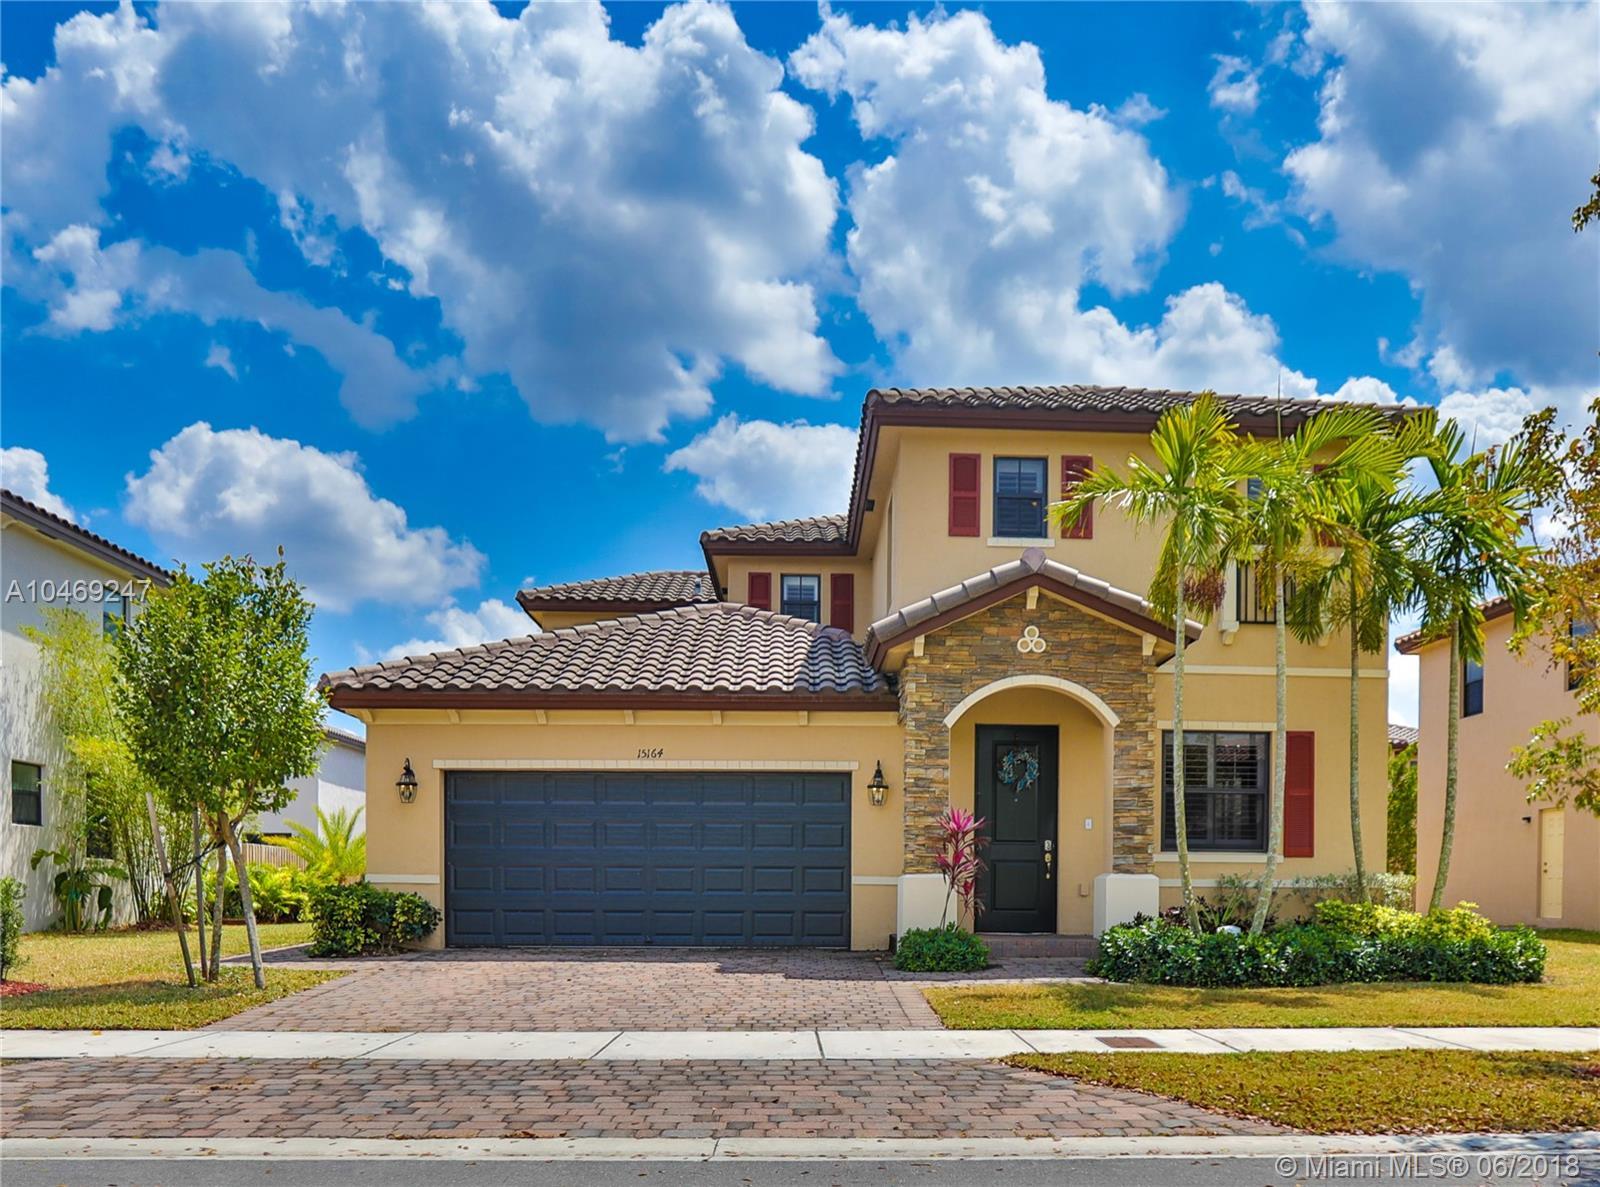 15164 Sw 115th St, Miami FL, 33196